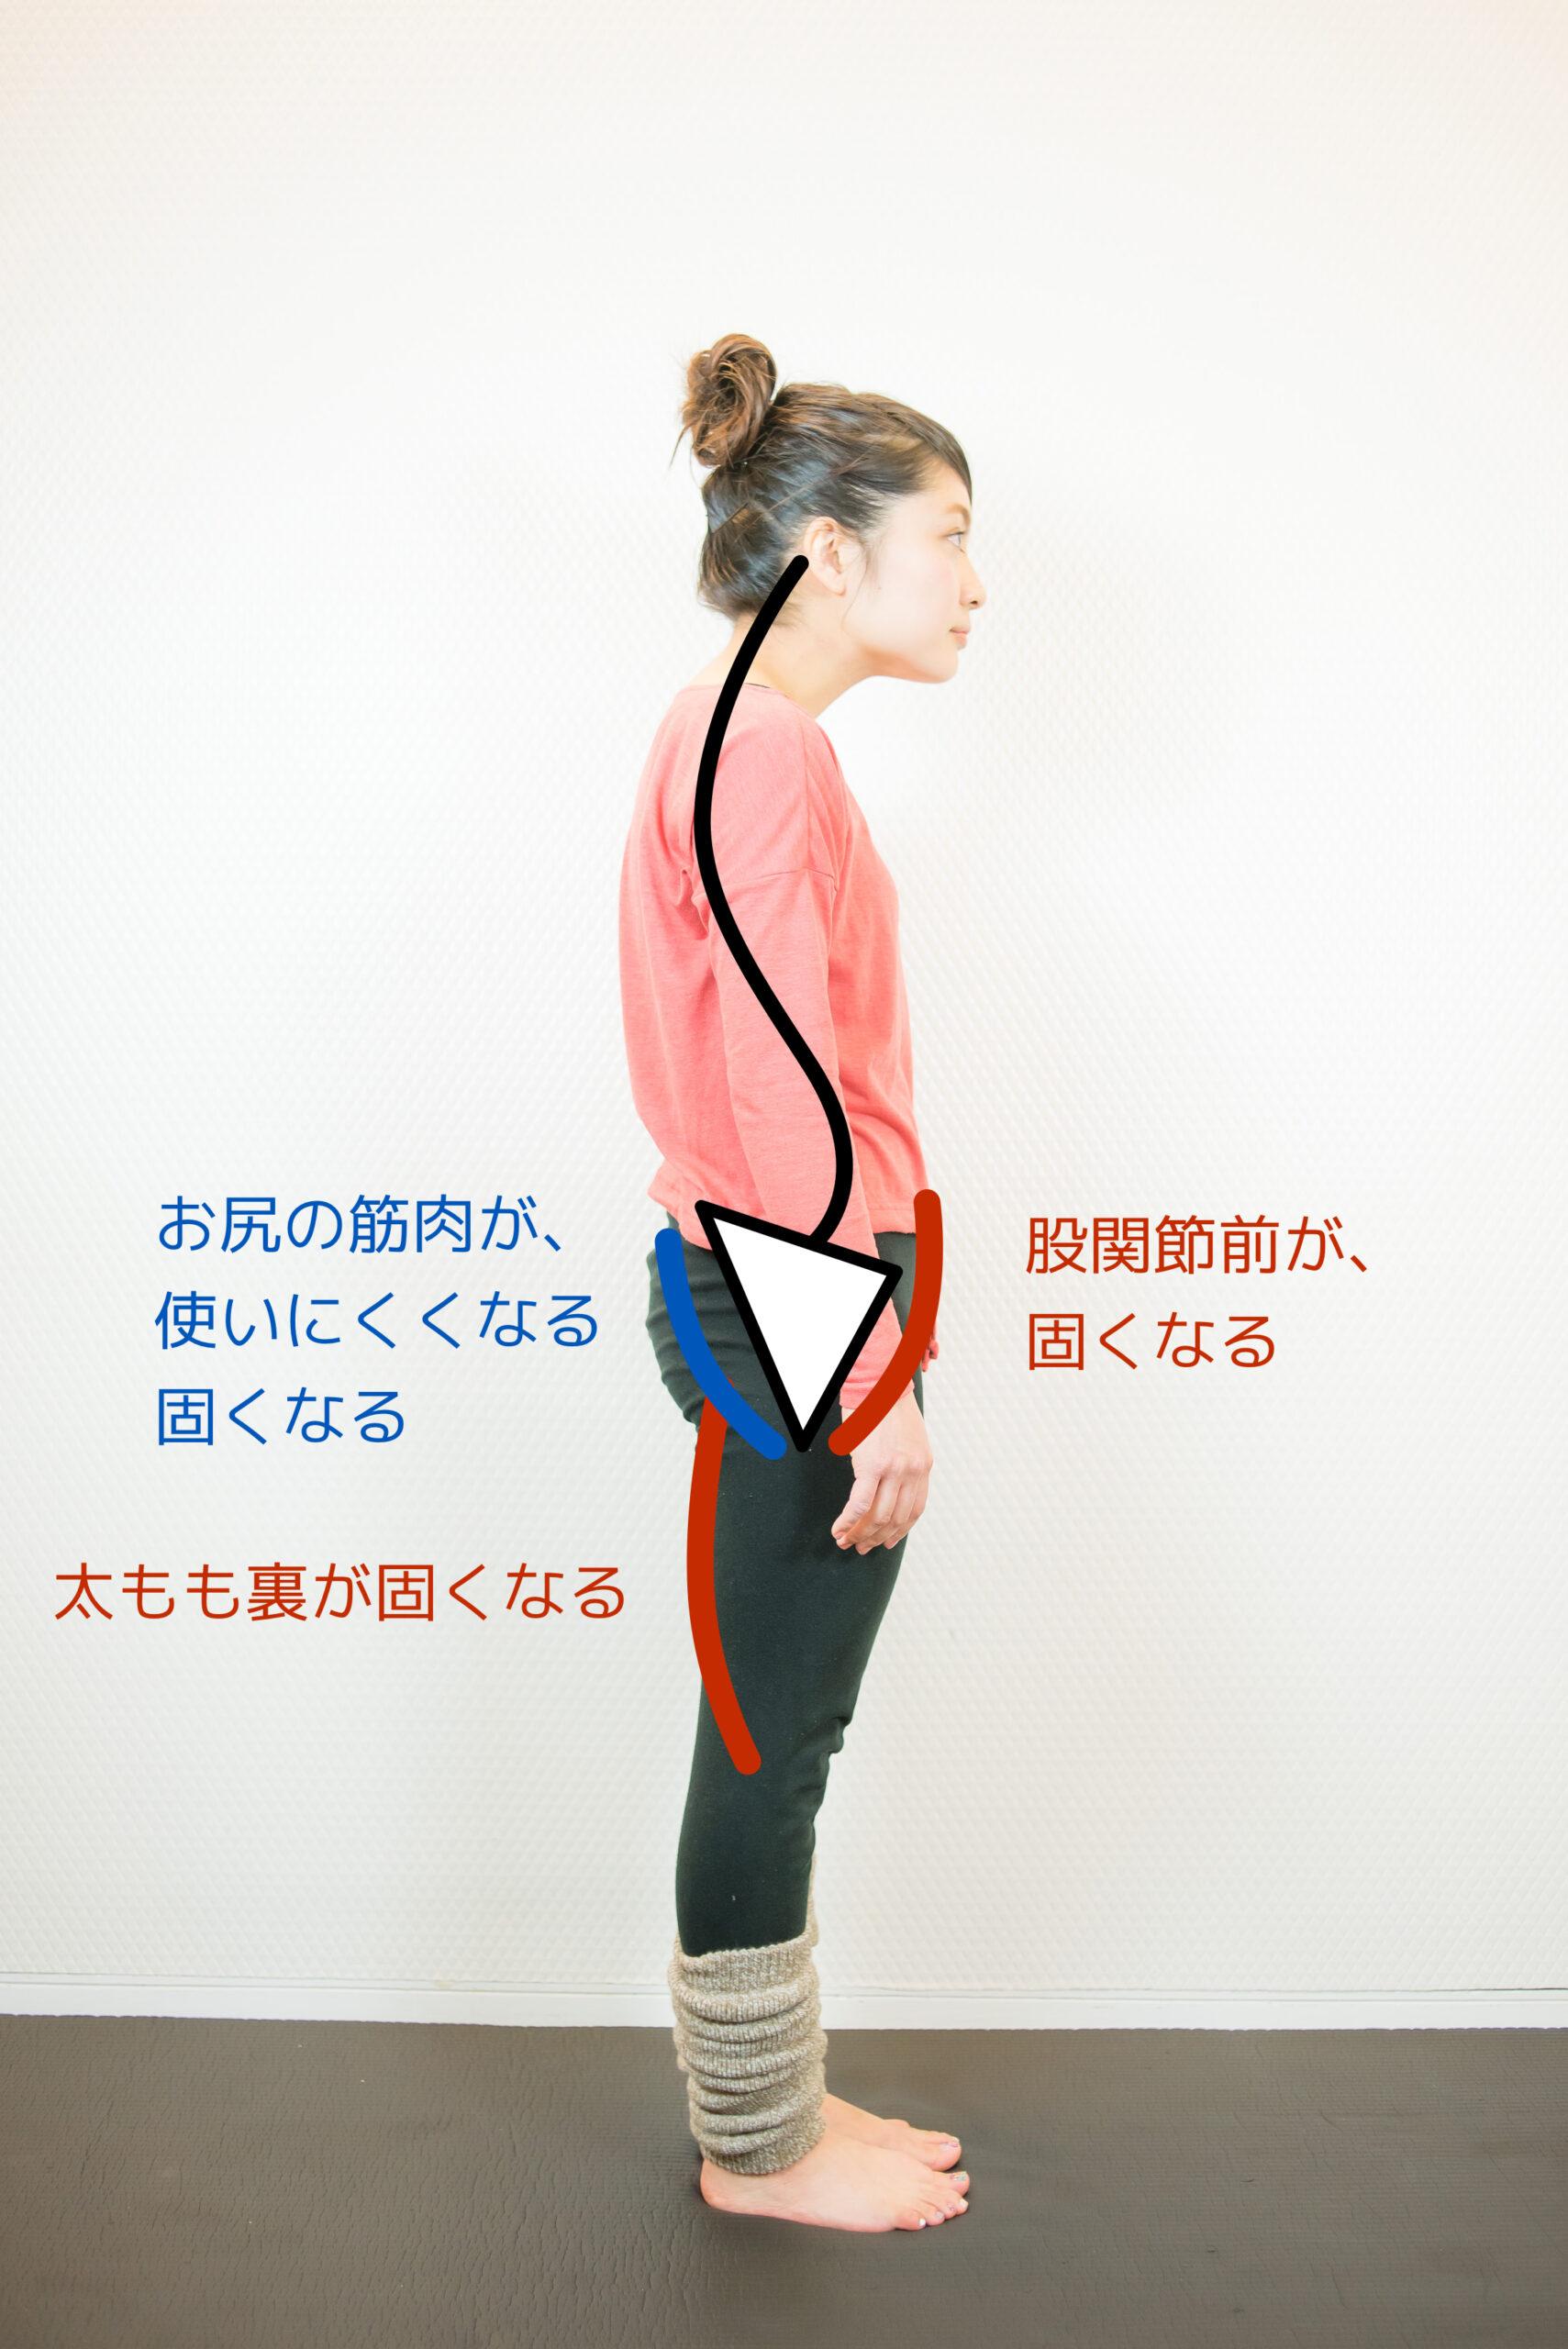 姿勢不良により股関節まわりの固くなる場所